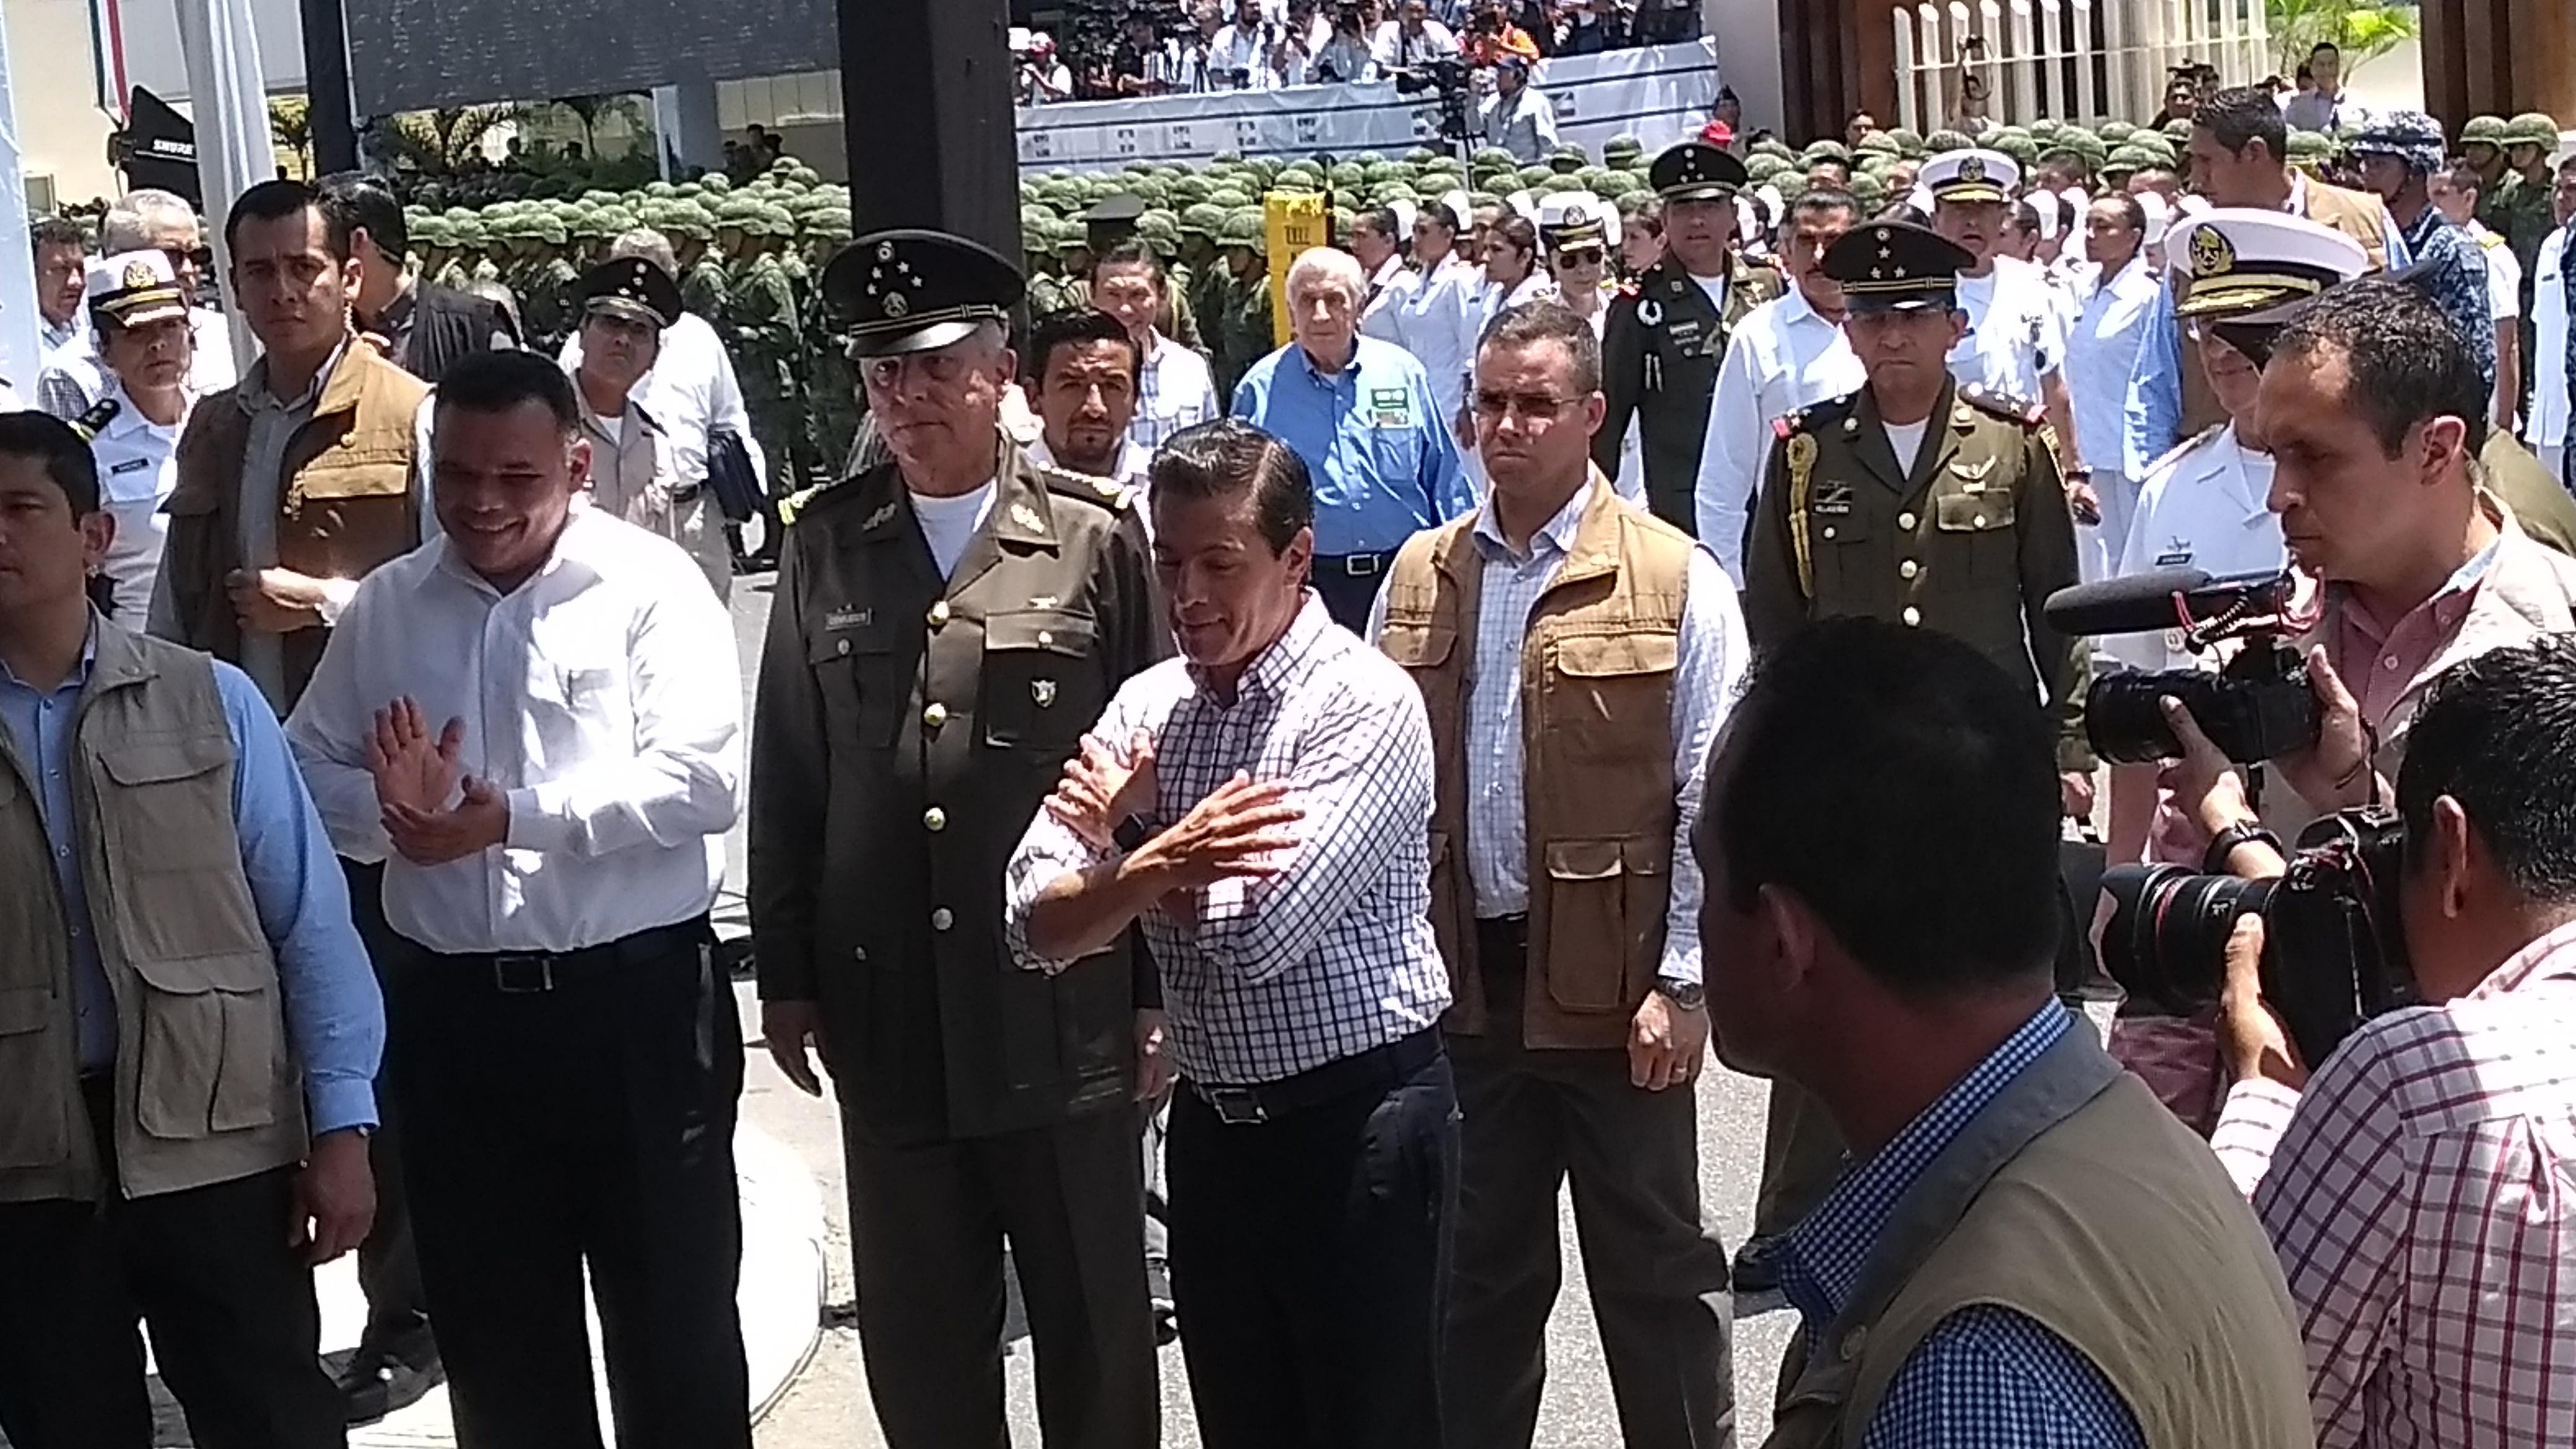 Cada vez más estricta la seguridad en visitas presidenciales